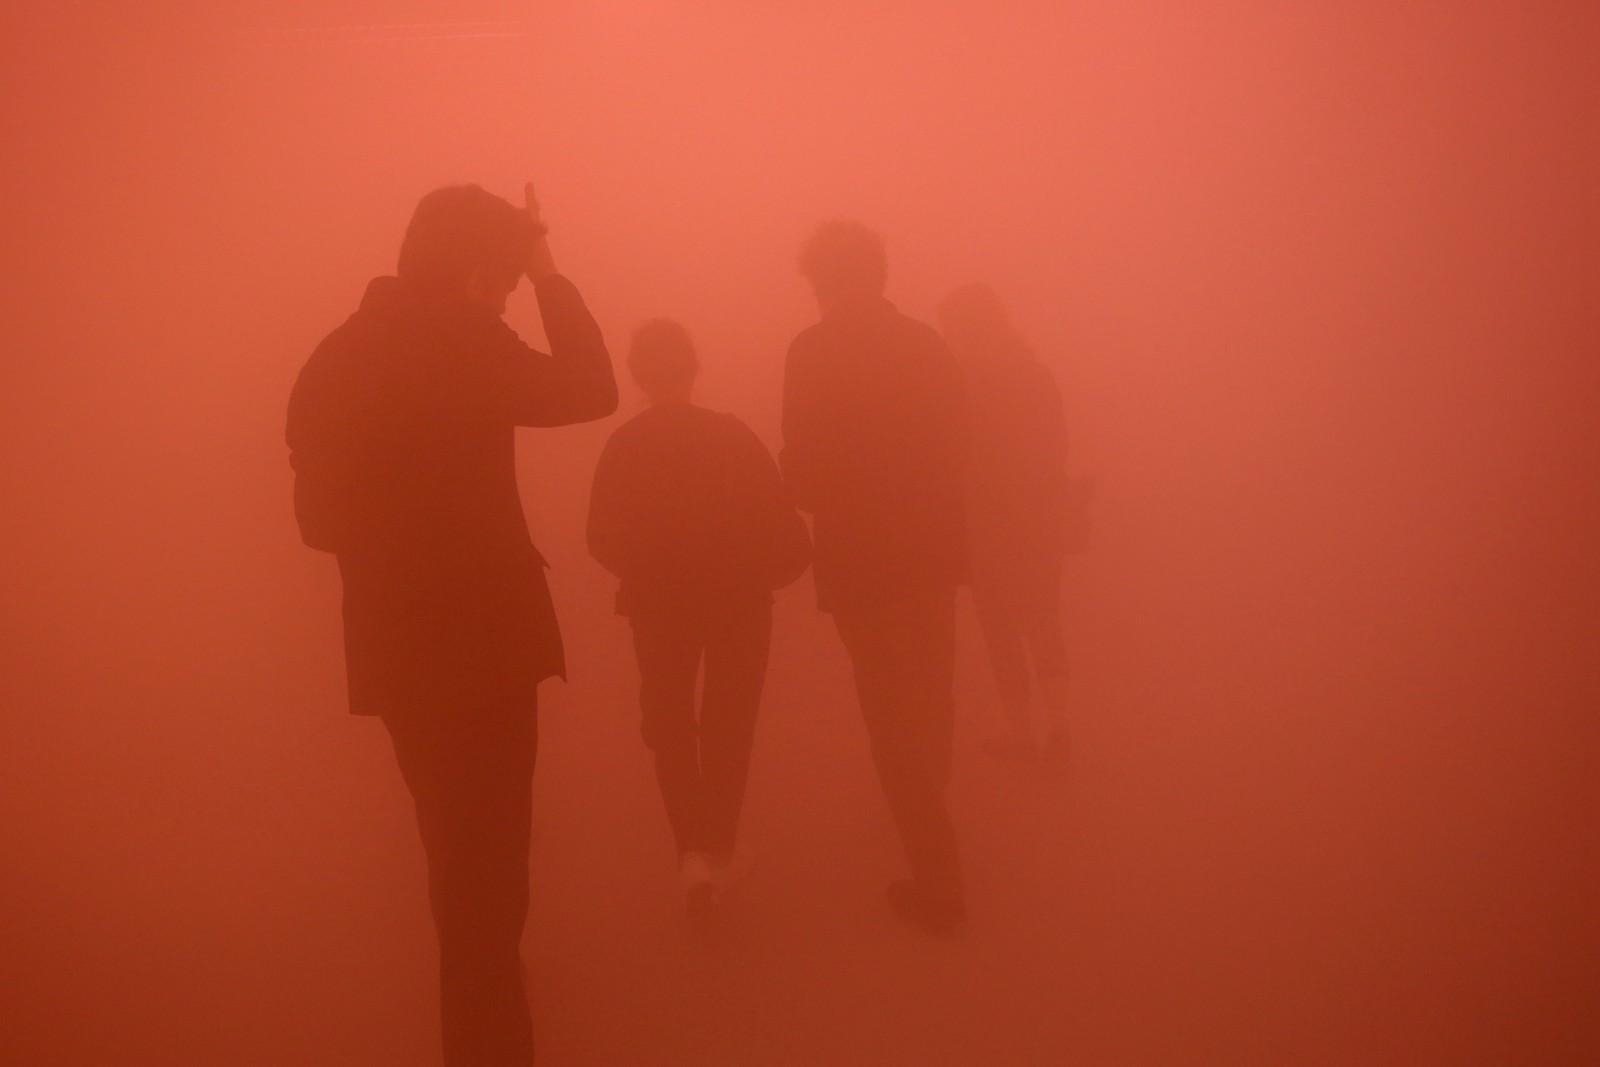 伦敦:艺术家巧用灯光打造迷幻世界 多彩空间对面不相识